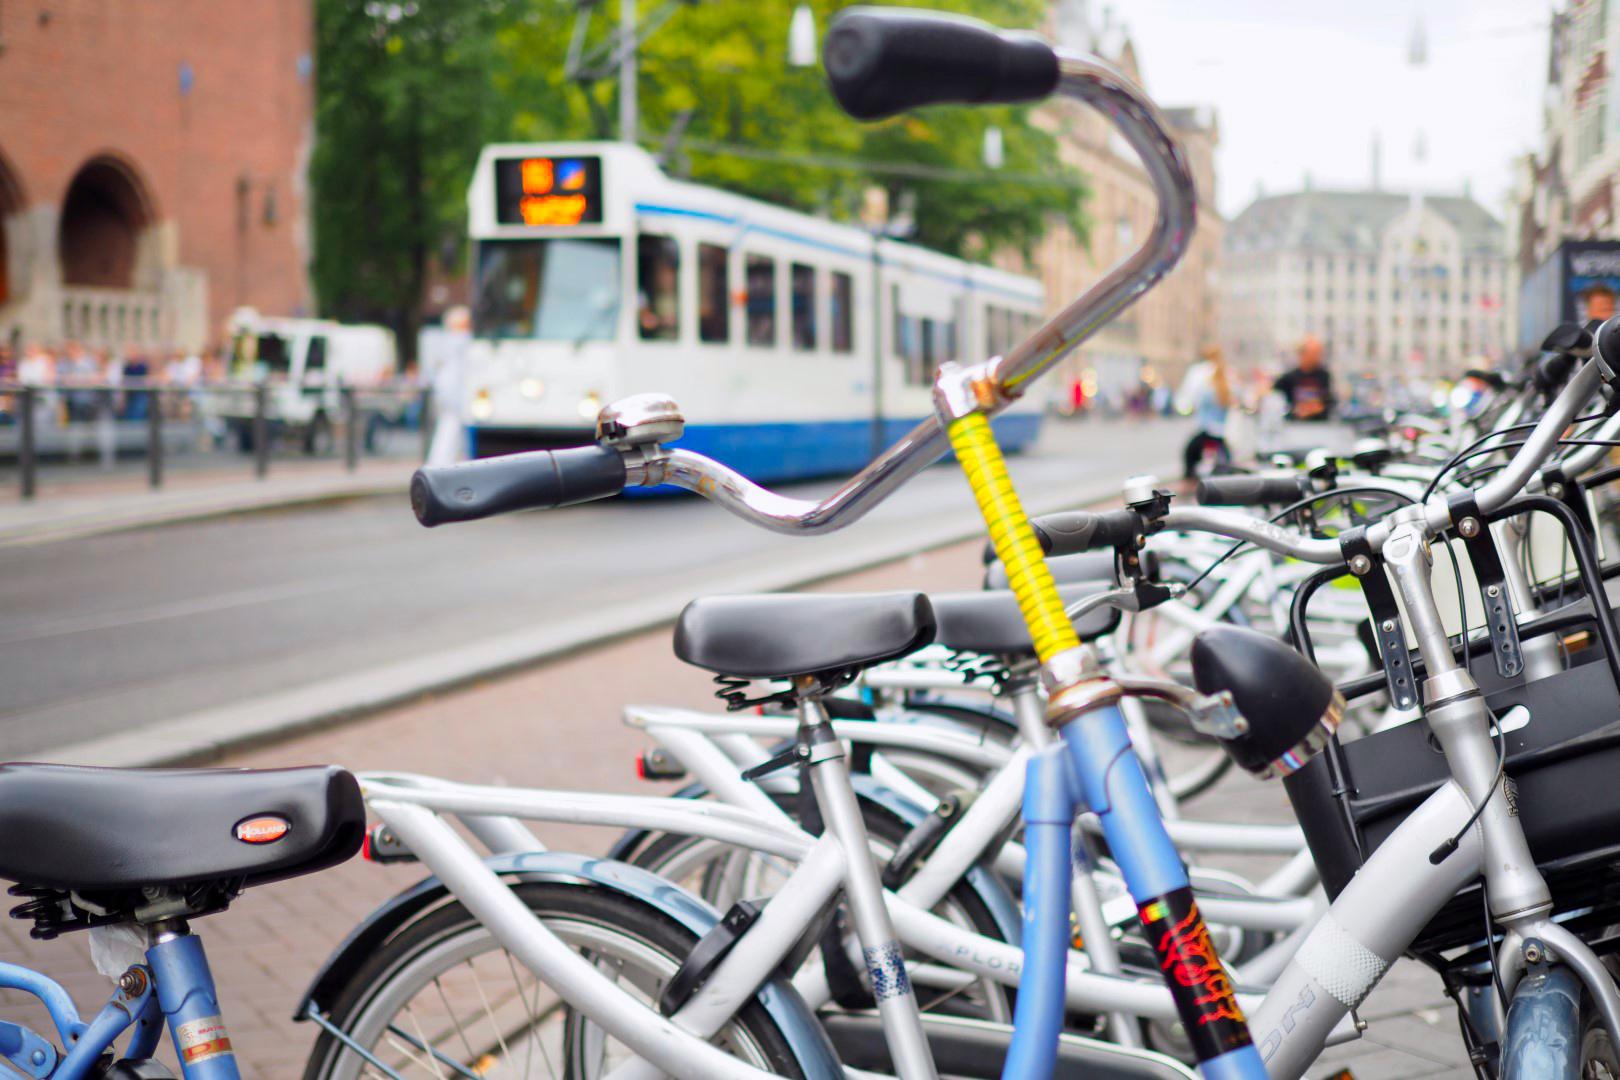 Qué ver en Ámsterdam - Museo qué ver en Ámsterdam - 33115454462 3342f2b939 o - Qué ver en Ámsterdam